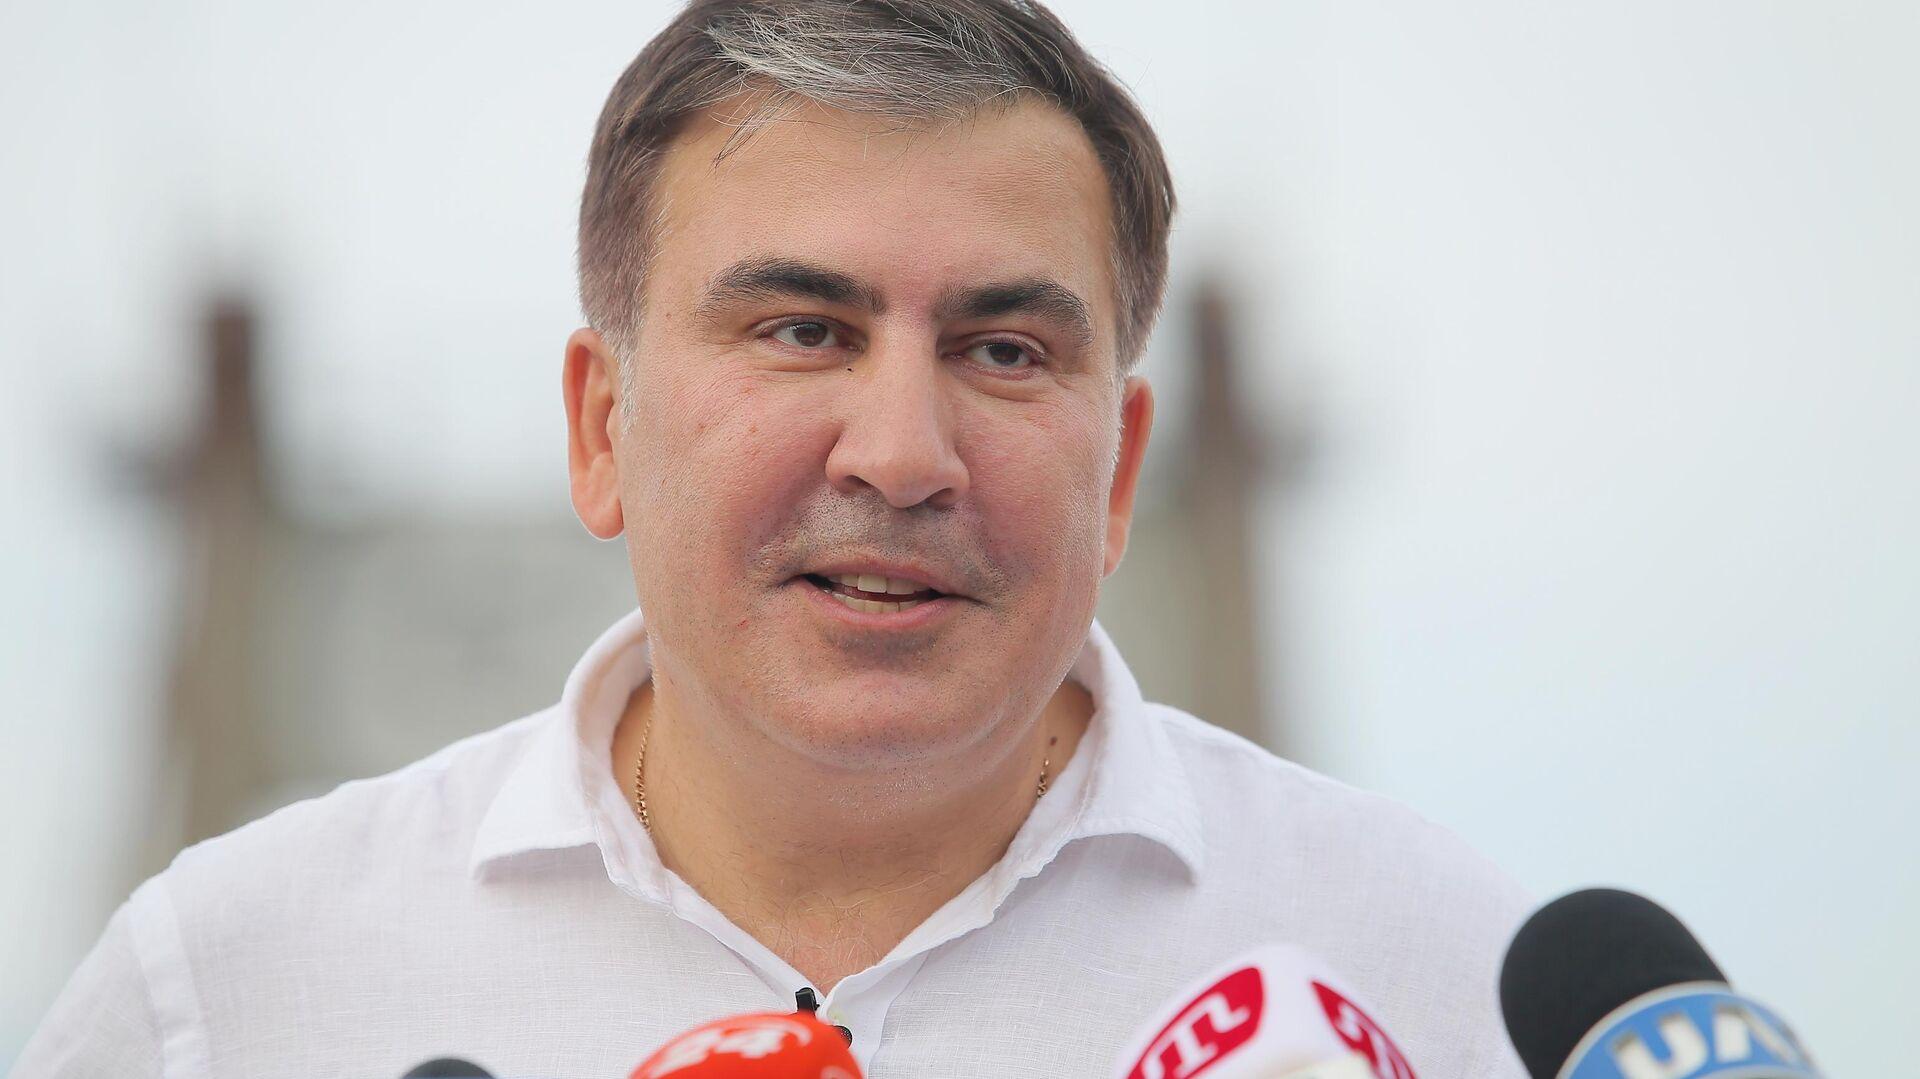 Лидер политической партии Движение новых сил Михаил Саакашвили на пресс-конференции в Киеве. 13 июня 2019 - РИА Новости, 1920, 14.10.2021